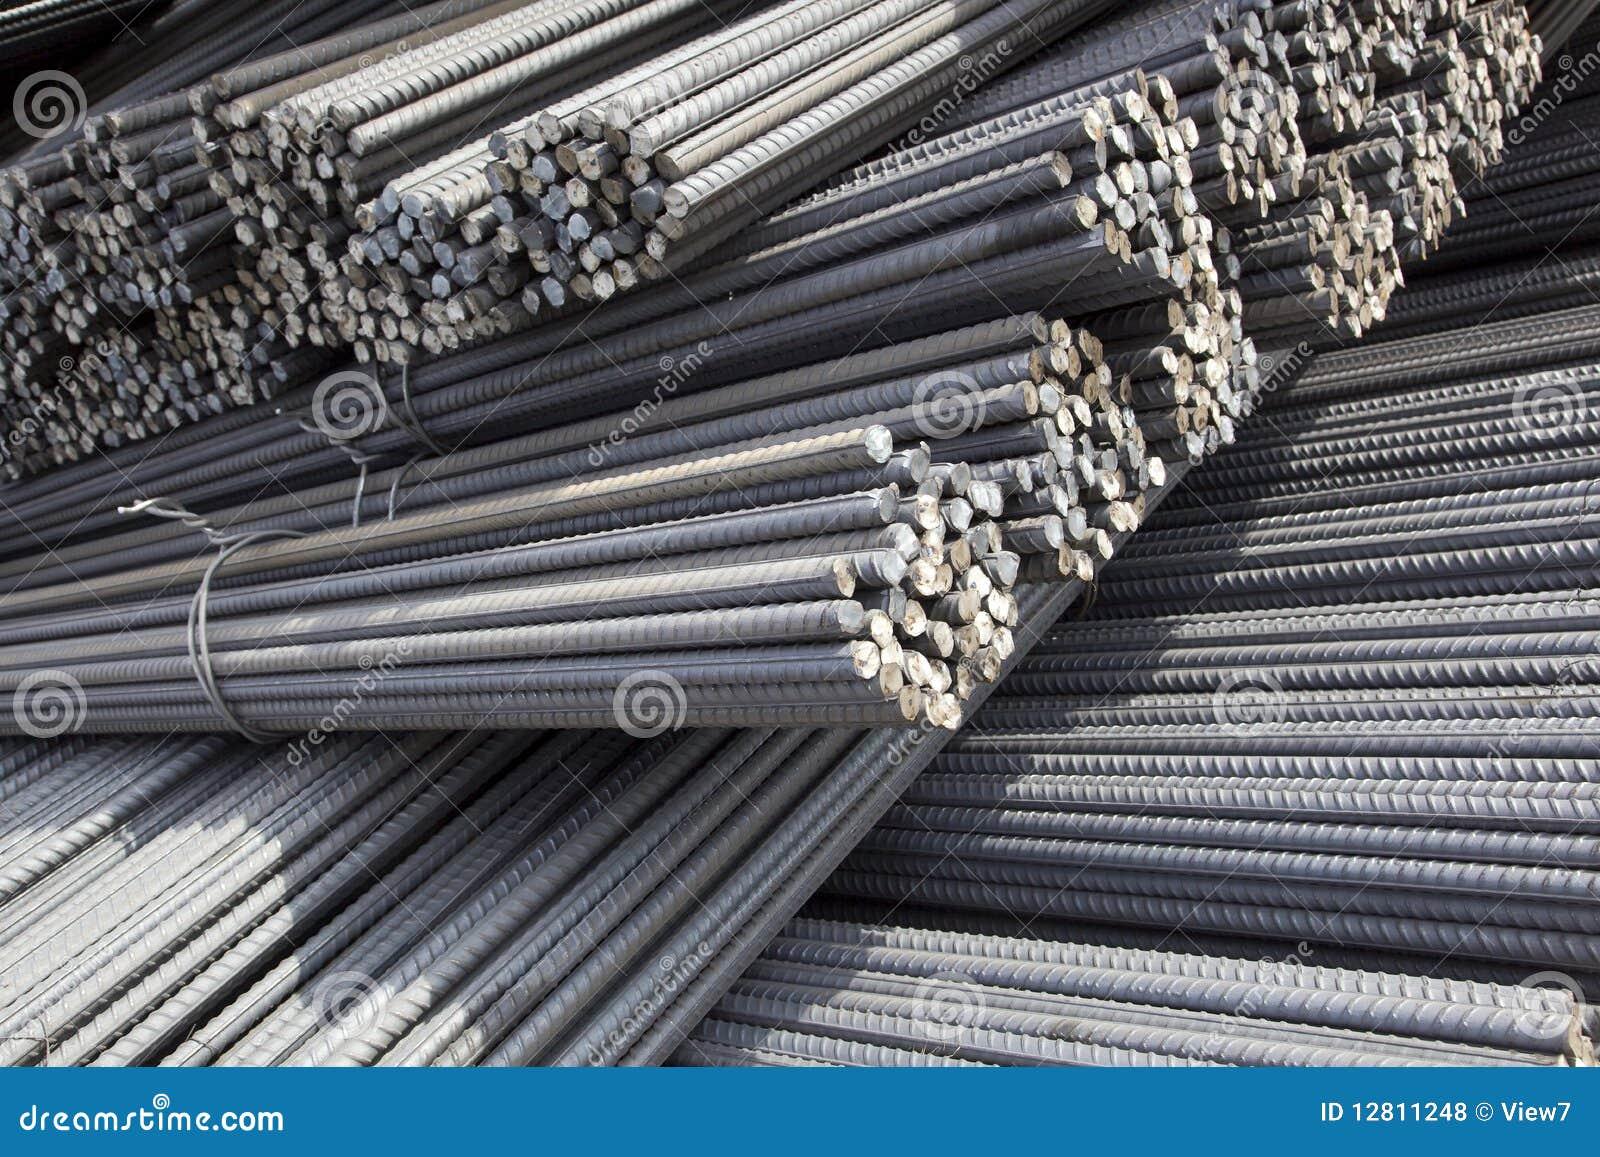 Priorità bassa del tondo per cemento armato